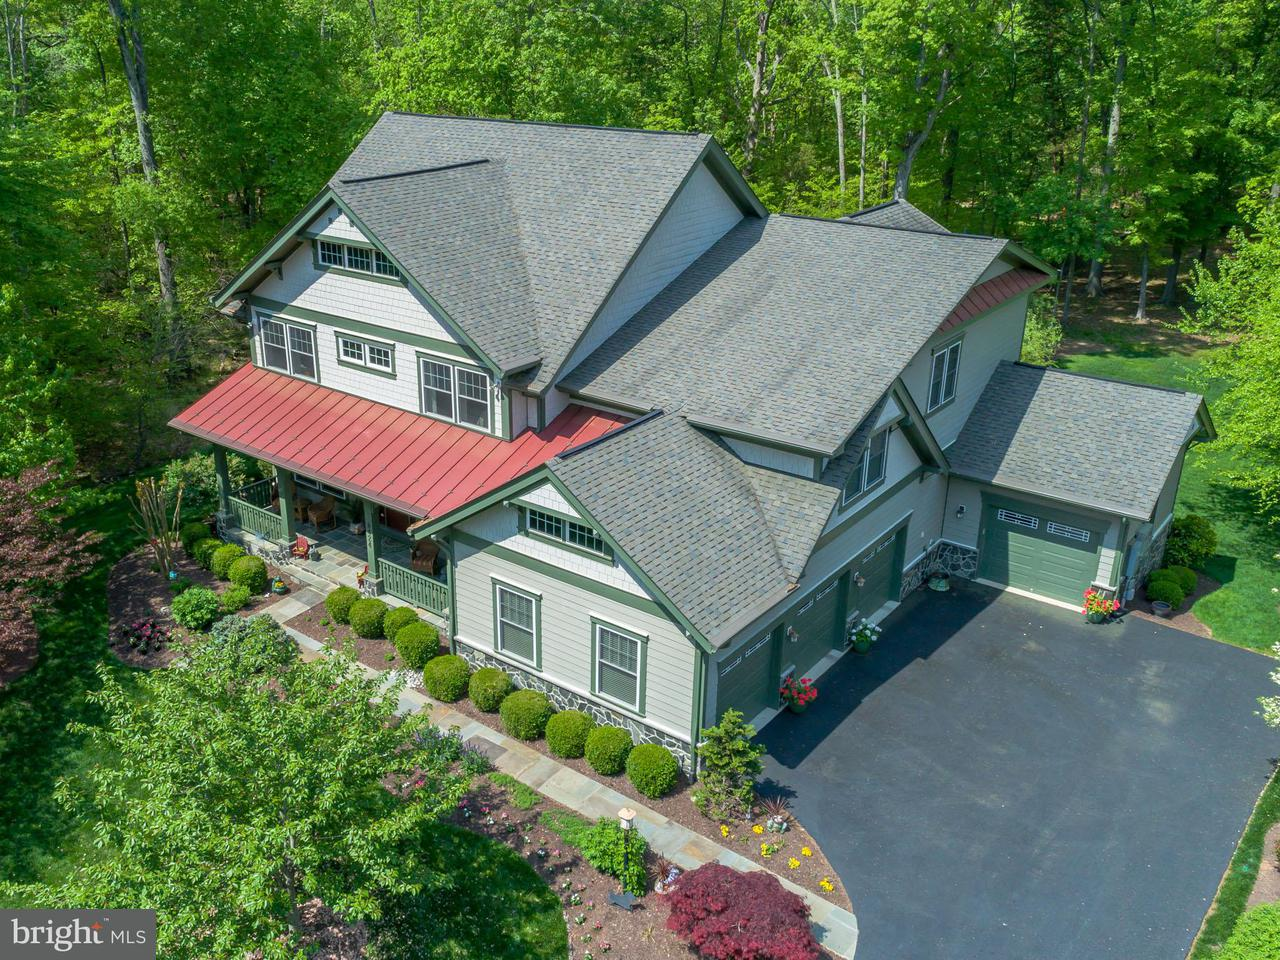 独户住宅 为 销售 在 8424 Bearhurst Drive 8424 Bearhurst Drive Gainesville, 弗吉尼亚州 20155 美国